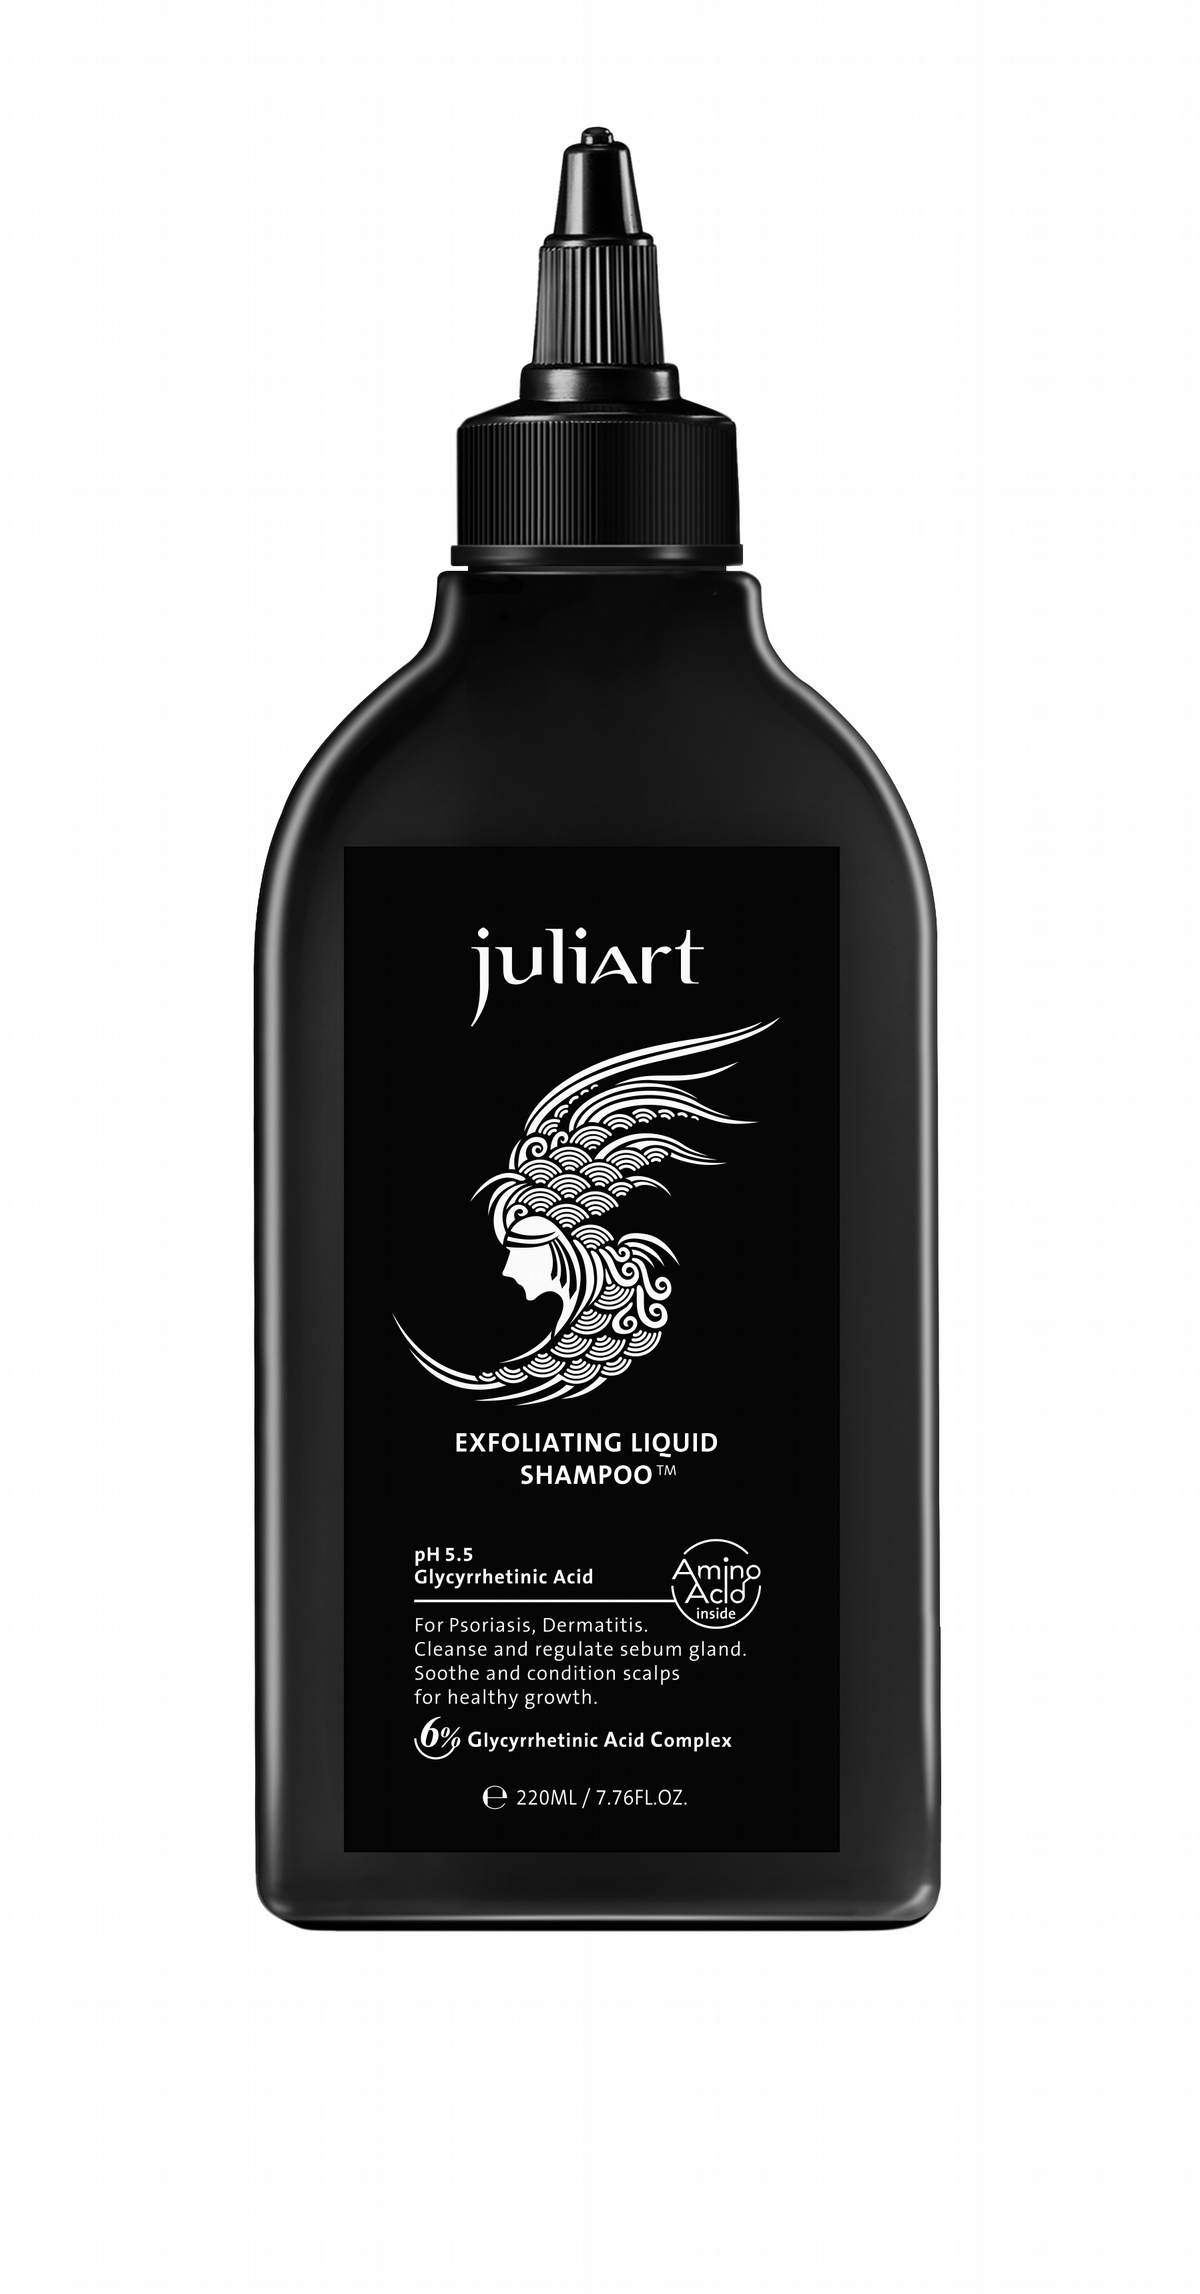 頭皮有多放鬆髮絲就有多健康,juliArt覺亞全新頭皮養護中心,讓妳一走進去連肩頸都舒服啊